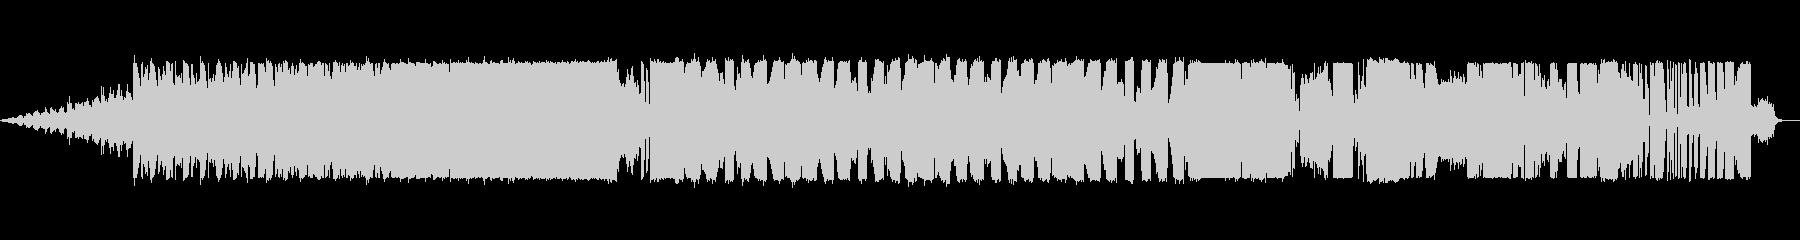 不気味なホラー・ハロウィン風EDM楽曲の未再生の波形